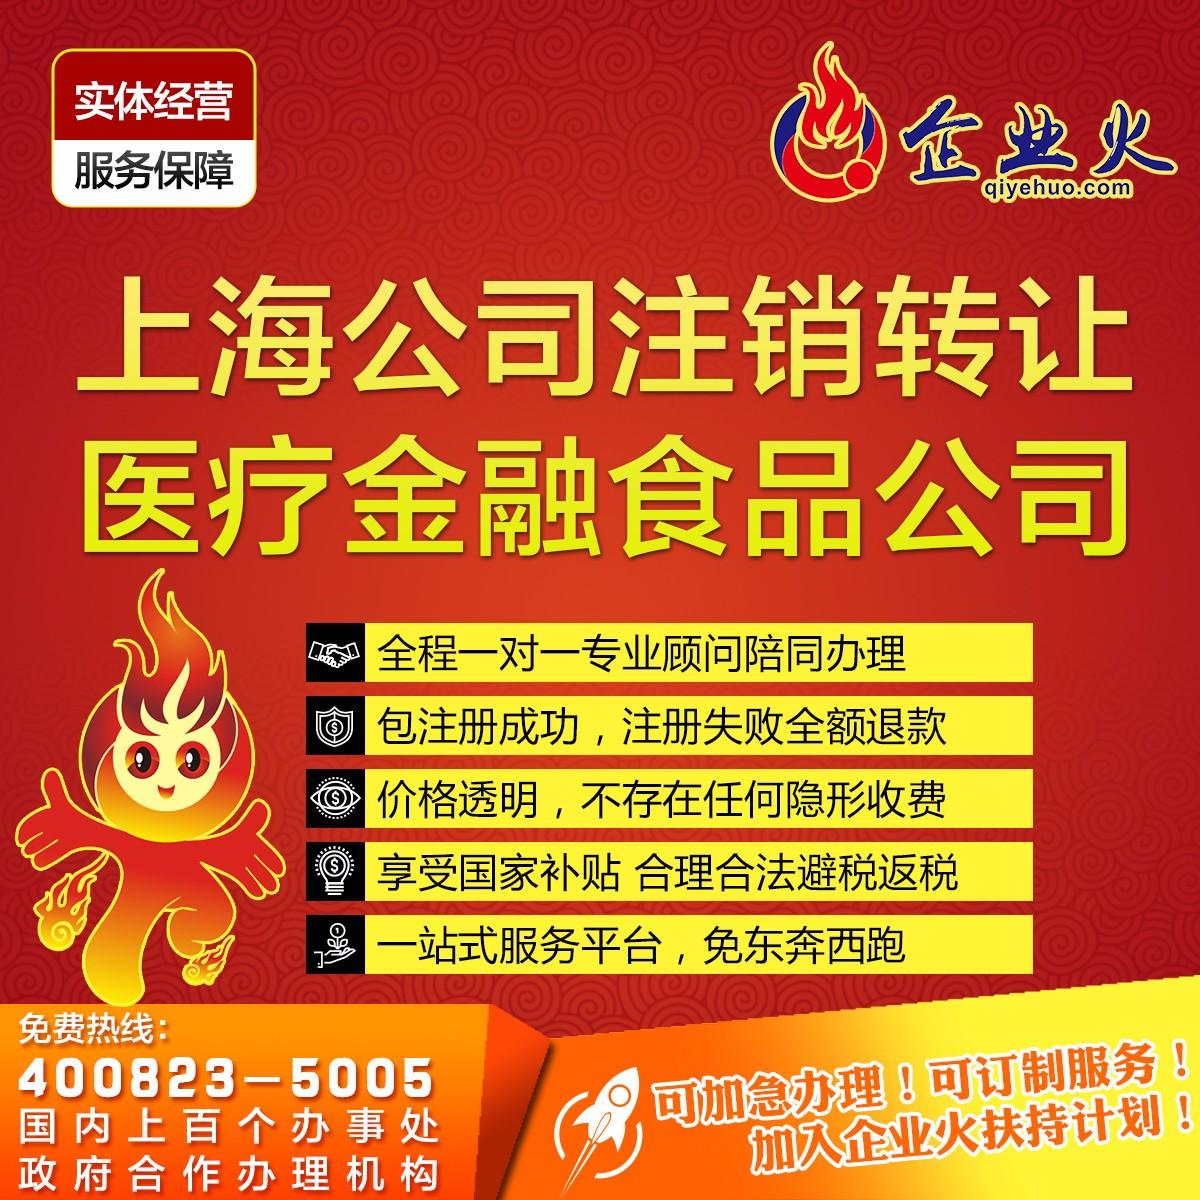 上海公司注销办理步骤转让代办注销特殊行业公司注销代办流程转让